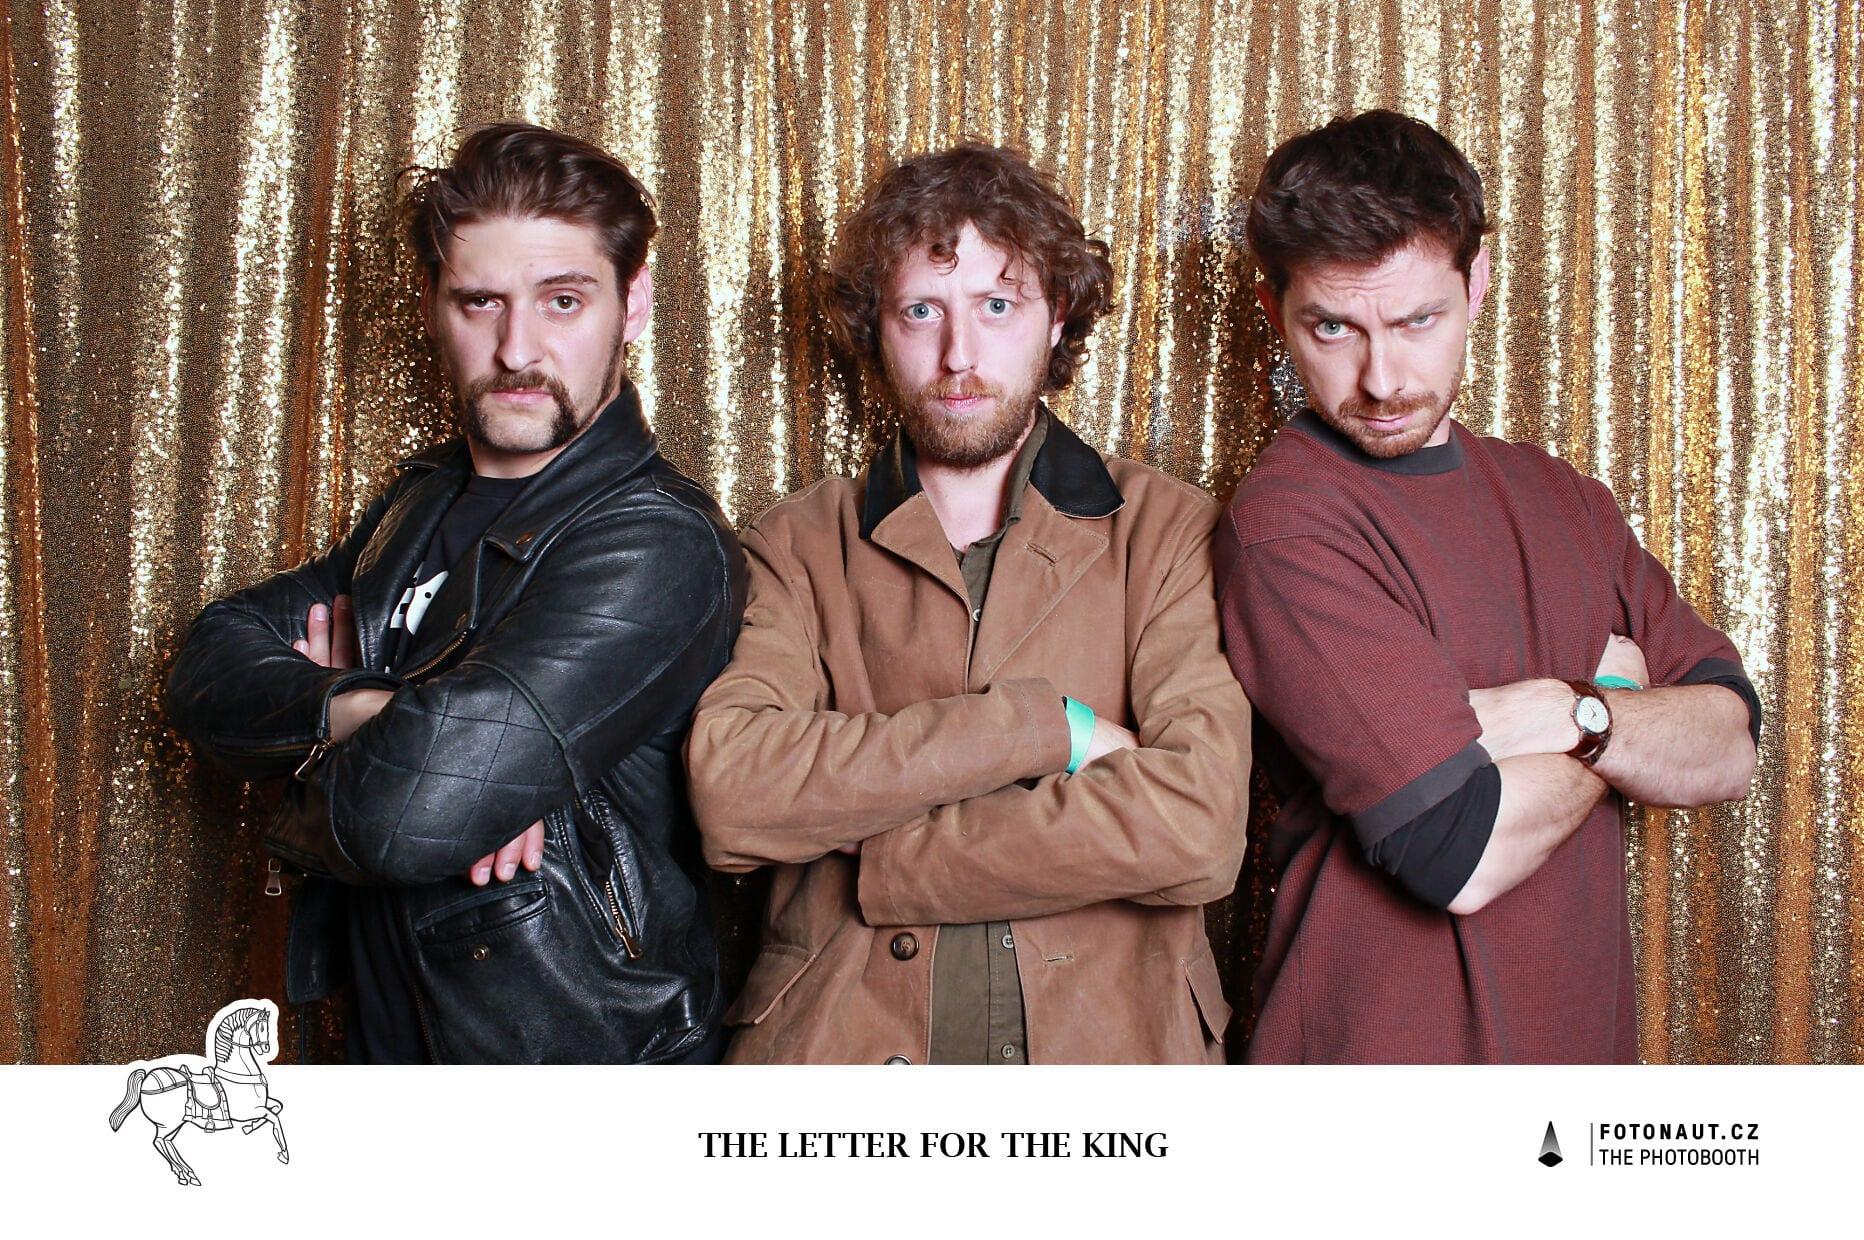 fotokoutek-the-letter-for-the-king-31-5-2019-616450